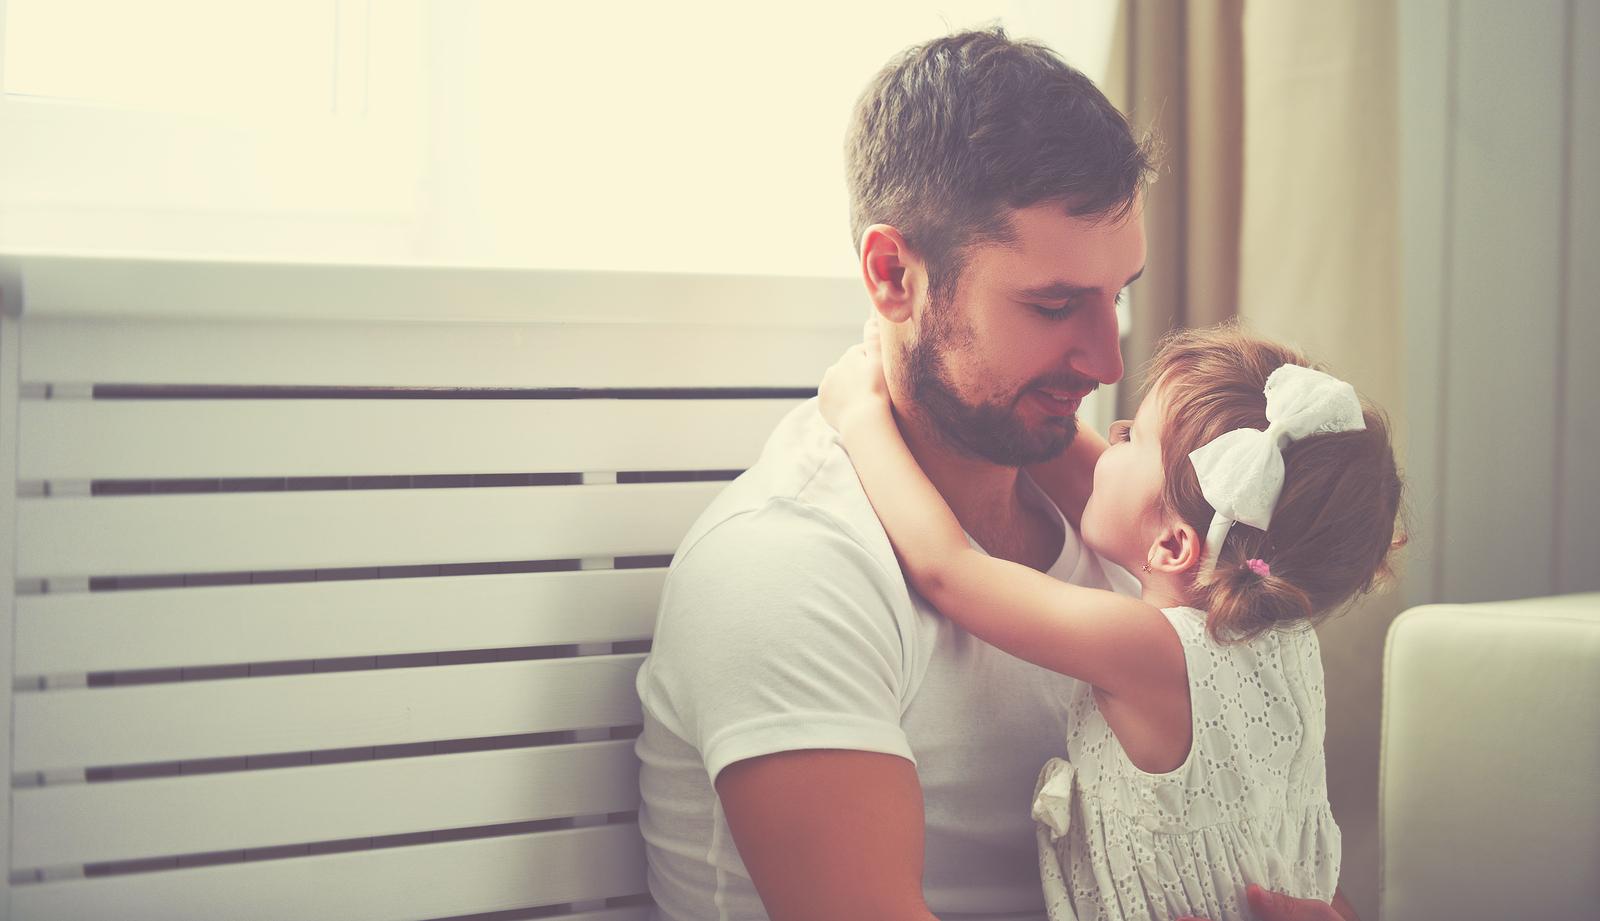 Vater sitzt mit Tochter auf dem Boden